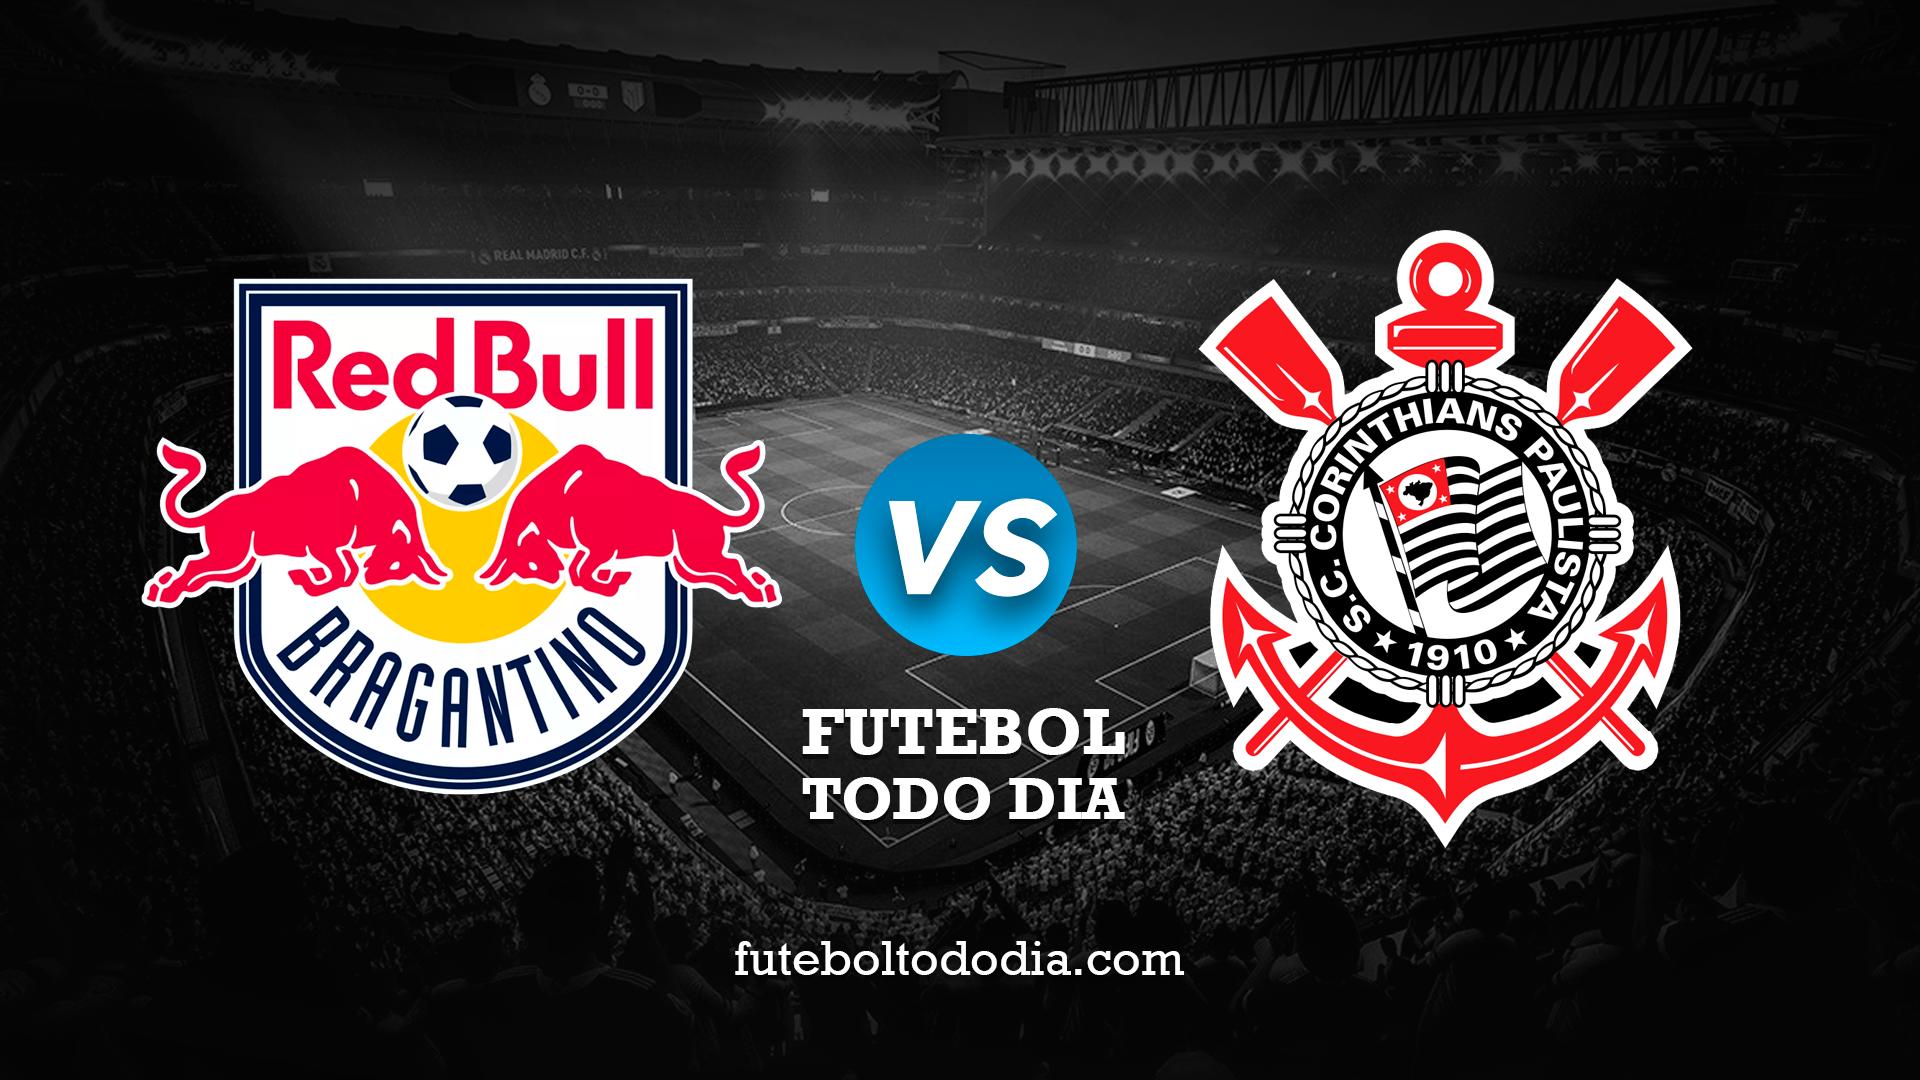 RB Bragantino x Corinthians: assista à transmissão da Jovem Pan ao vivo